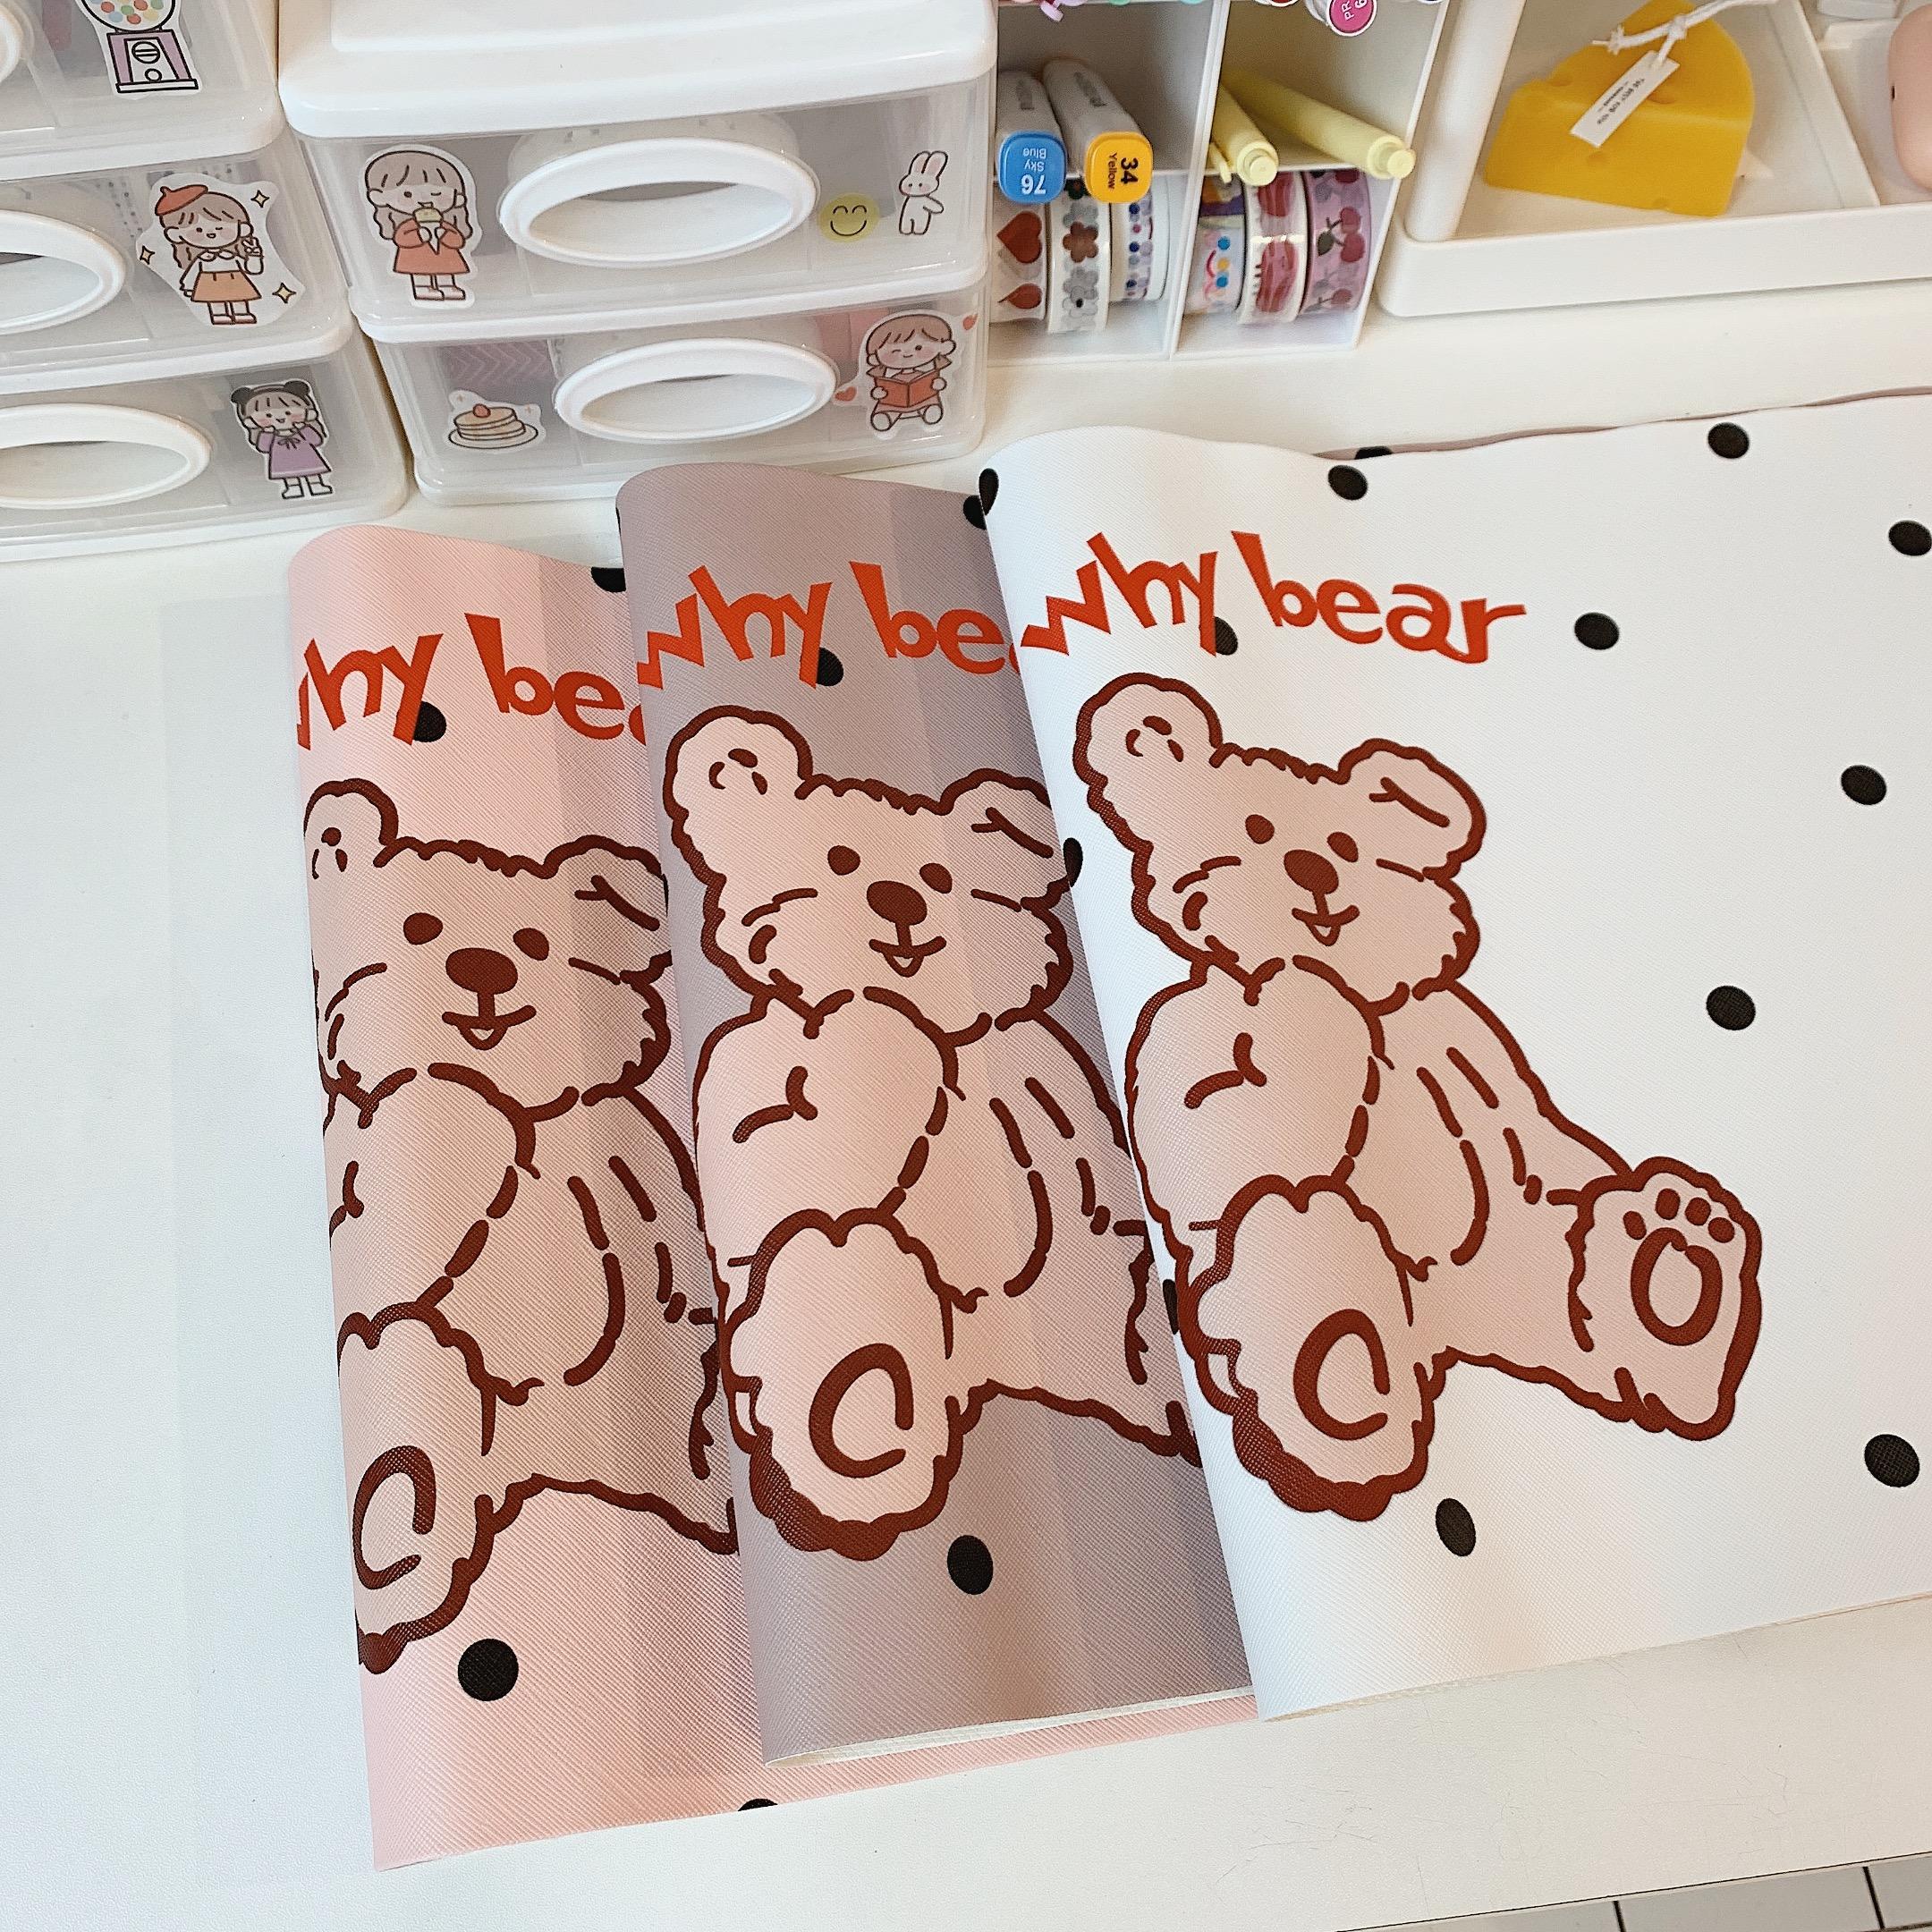 少女心放映室 ins風小熊桌墊防油防水餐墊  學生書桌卡通墊子韓國